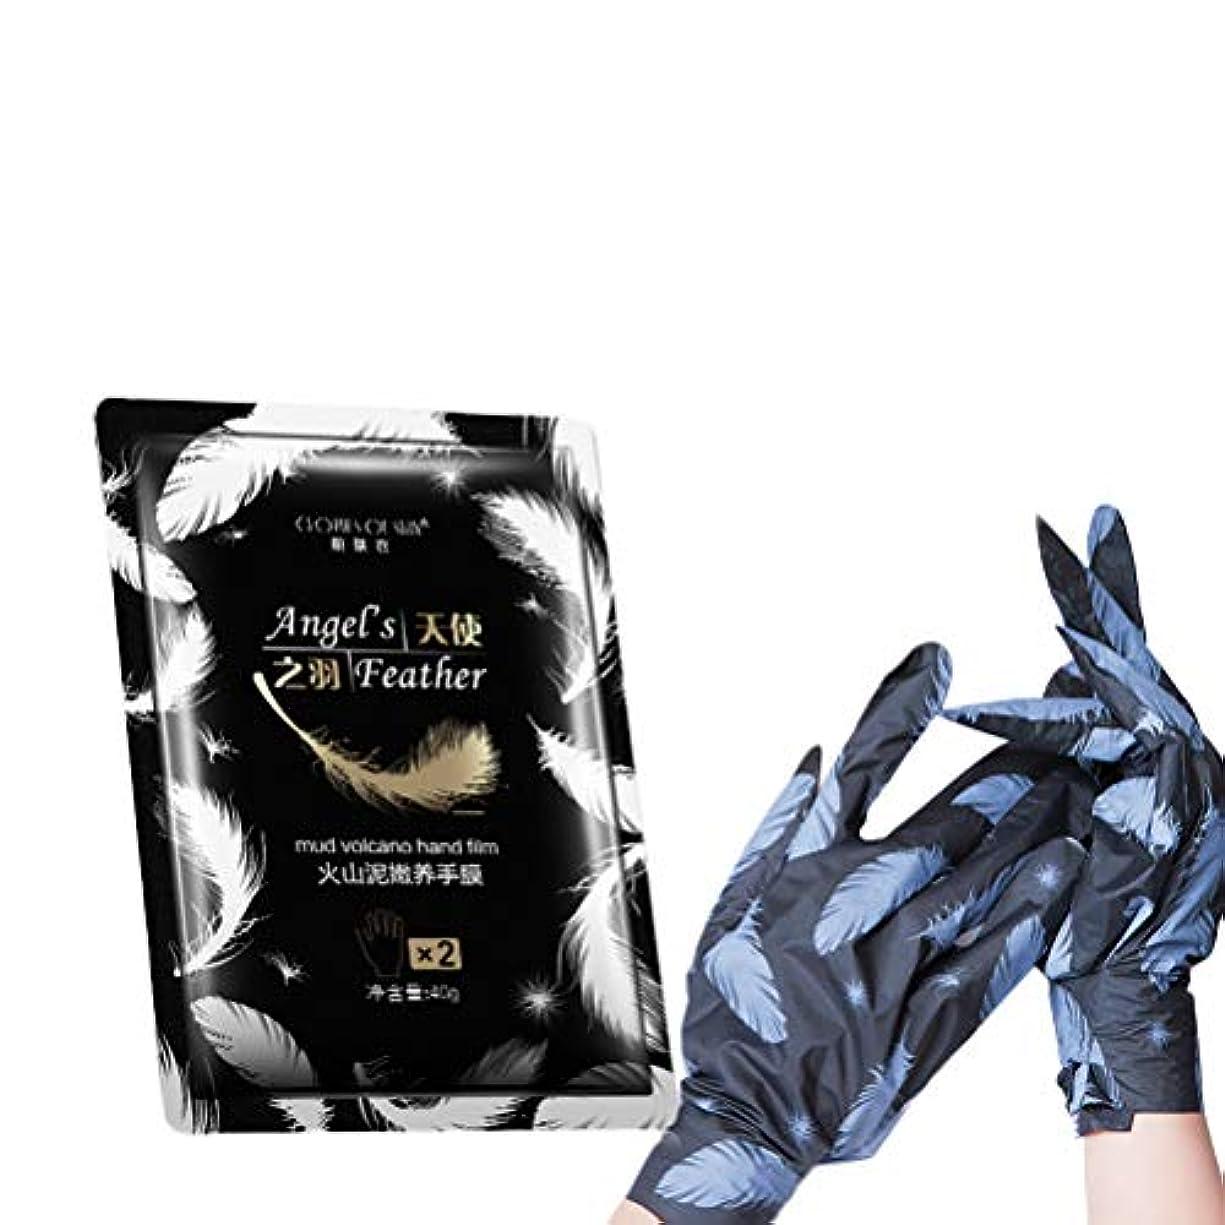 クレーター虎残りSUPVOX 乾燥肌のための保湿ハンドマスク保湿手袋栄養補給のためのハンドケアホワイトニング